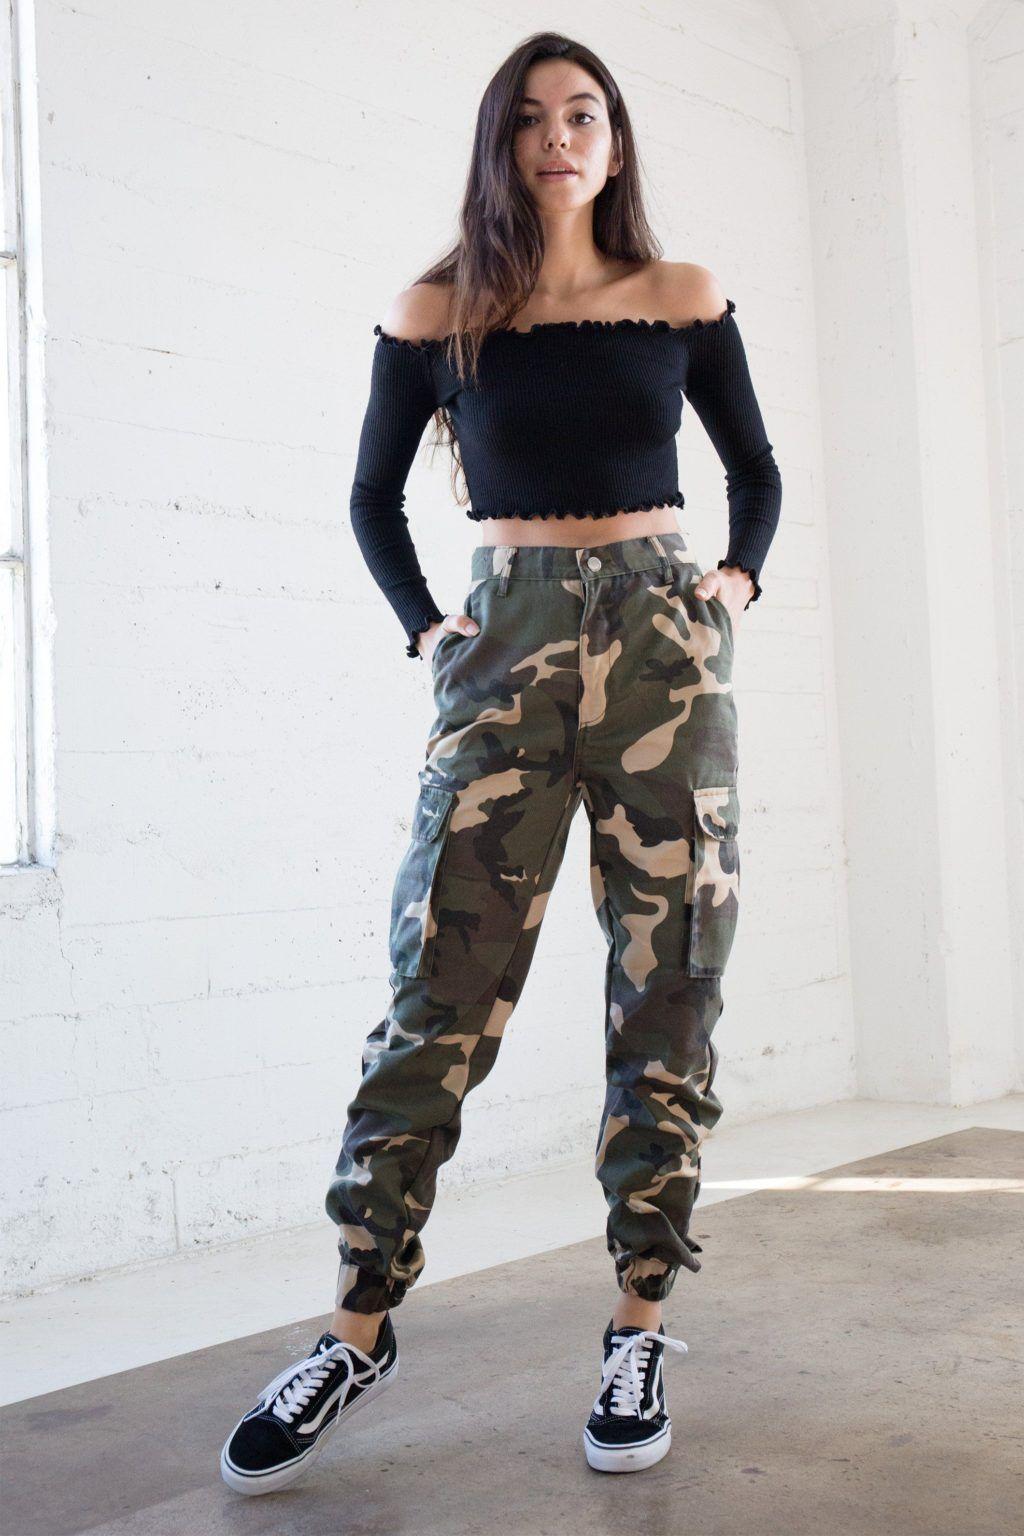 15 Maneras de llevar prendas estilo militar sin pe